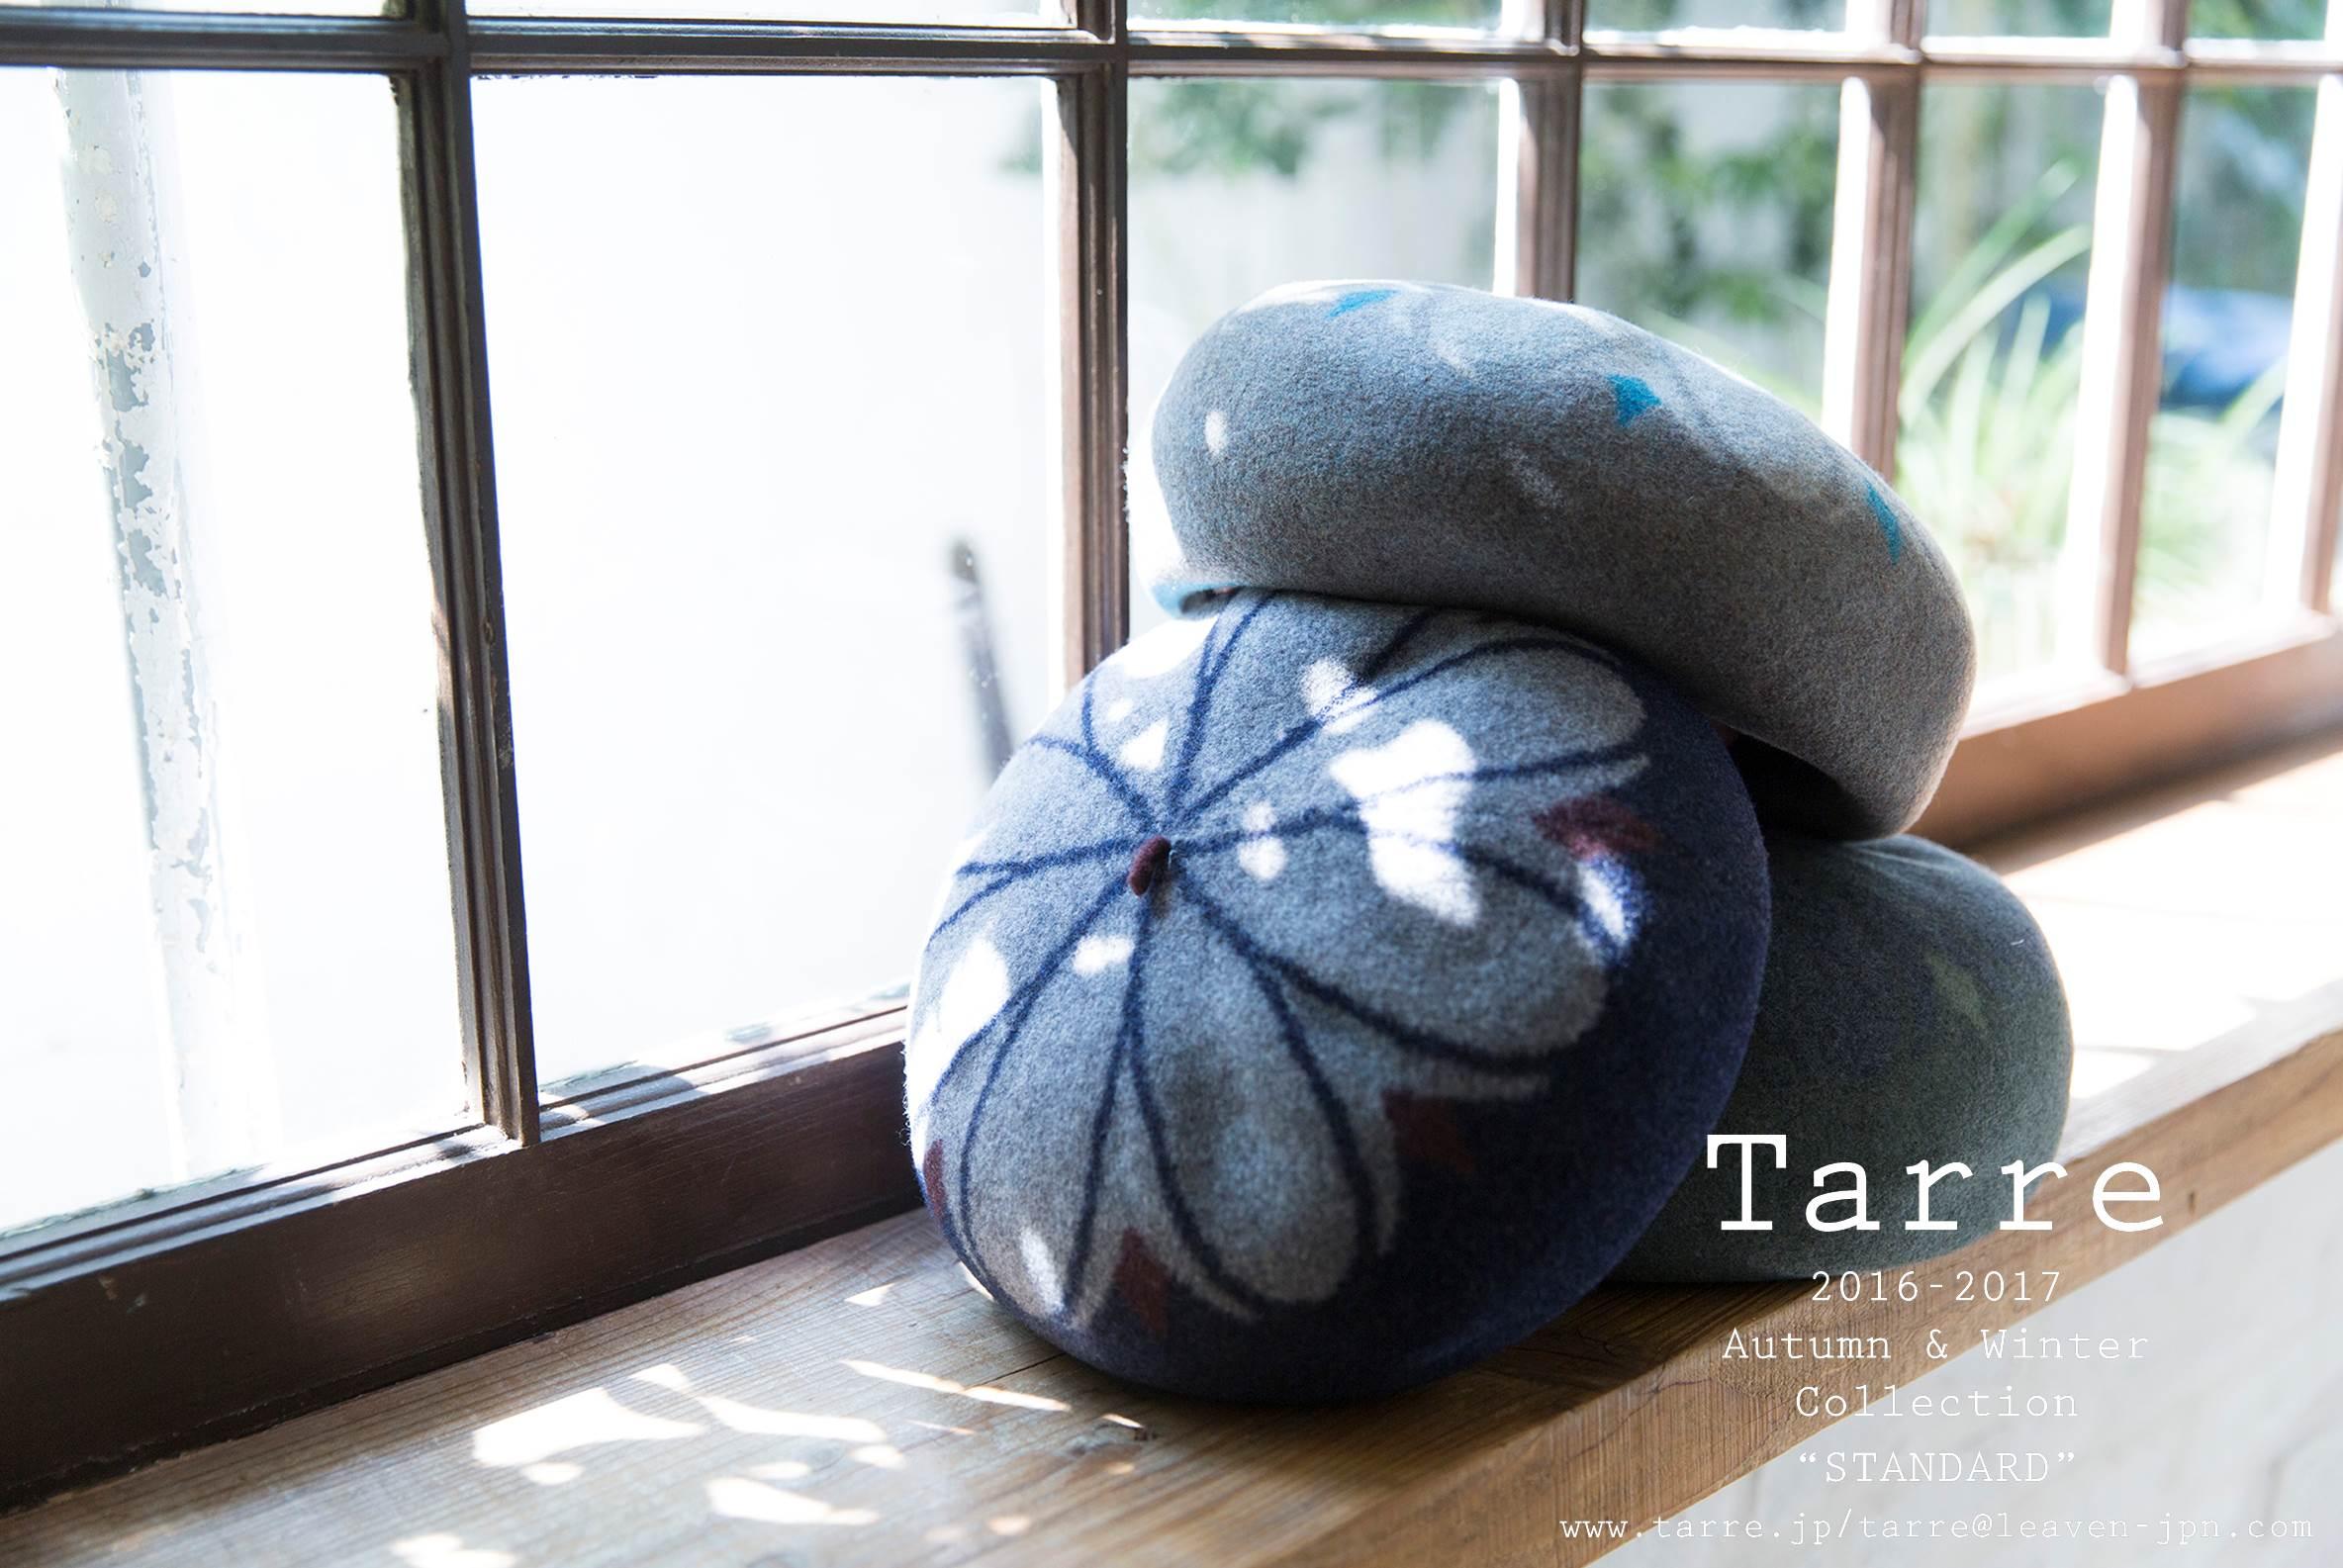 Tarre